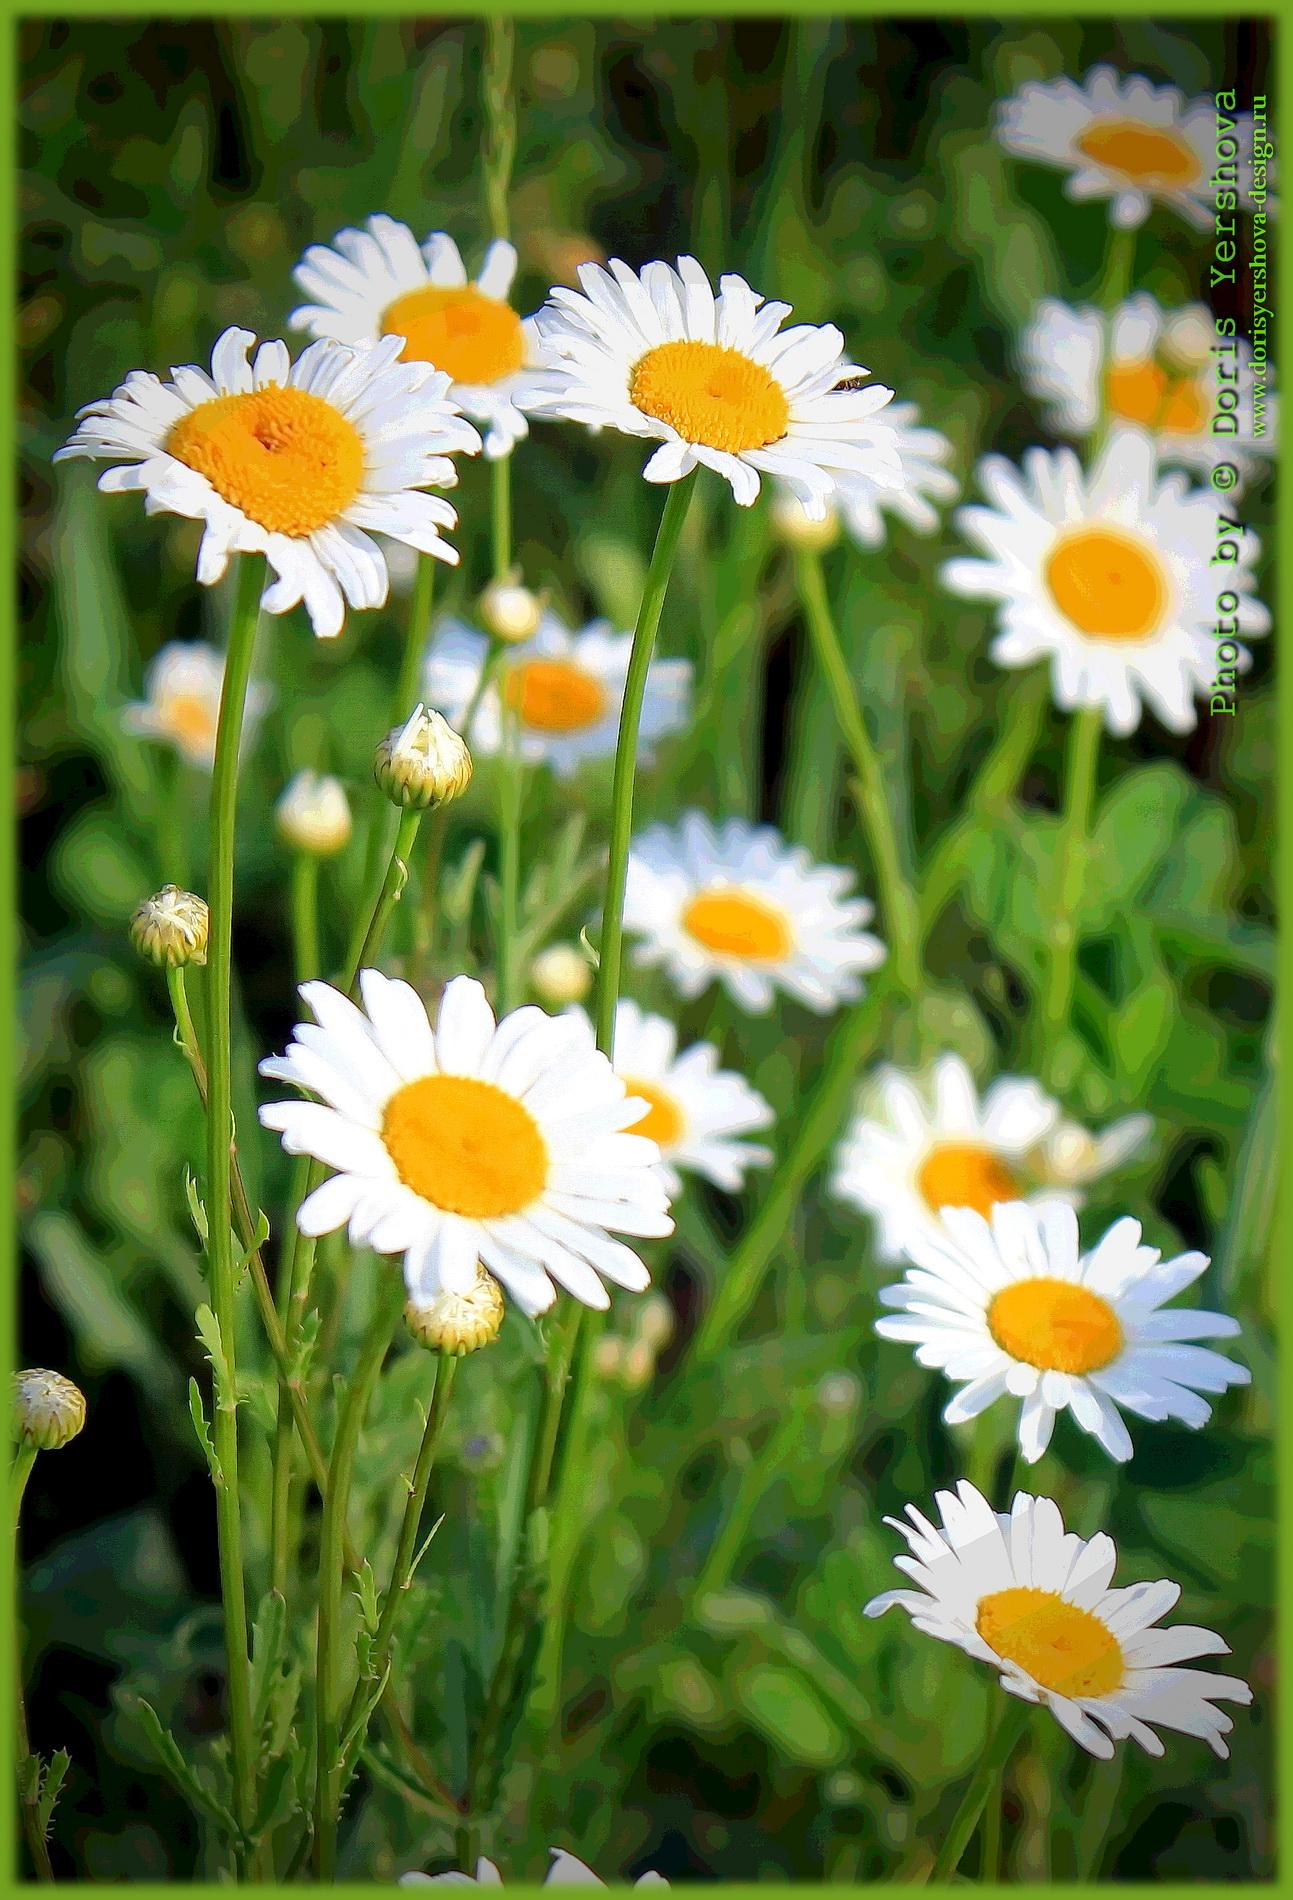 ромашки на поле, белый, желтый, зеленый, лето, луг, поле